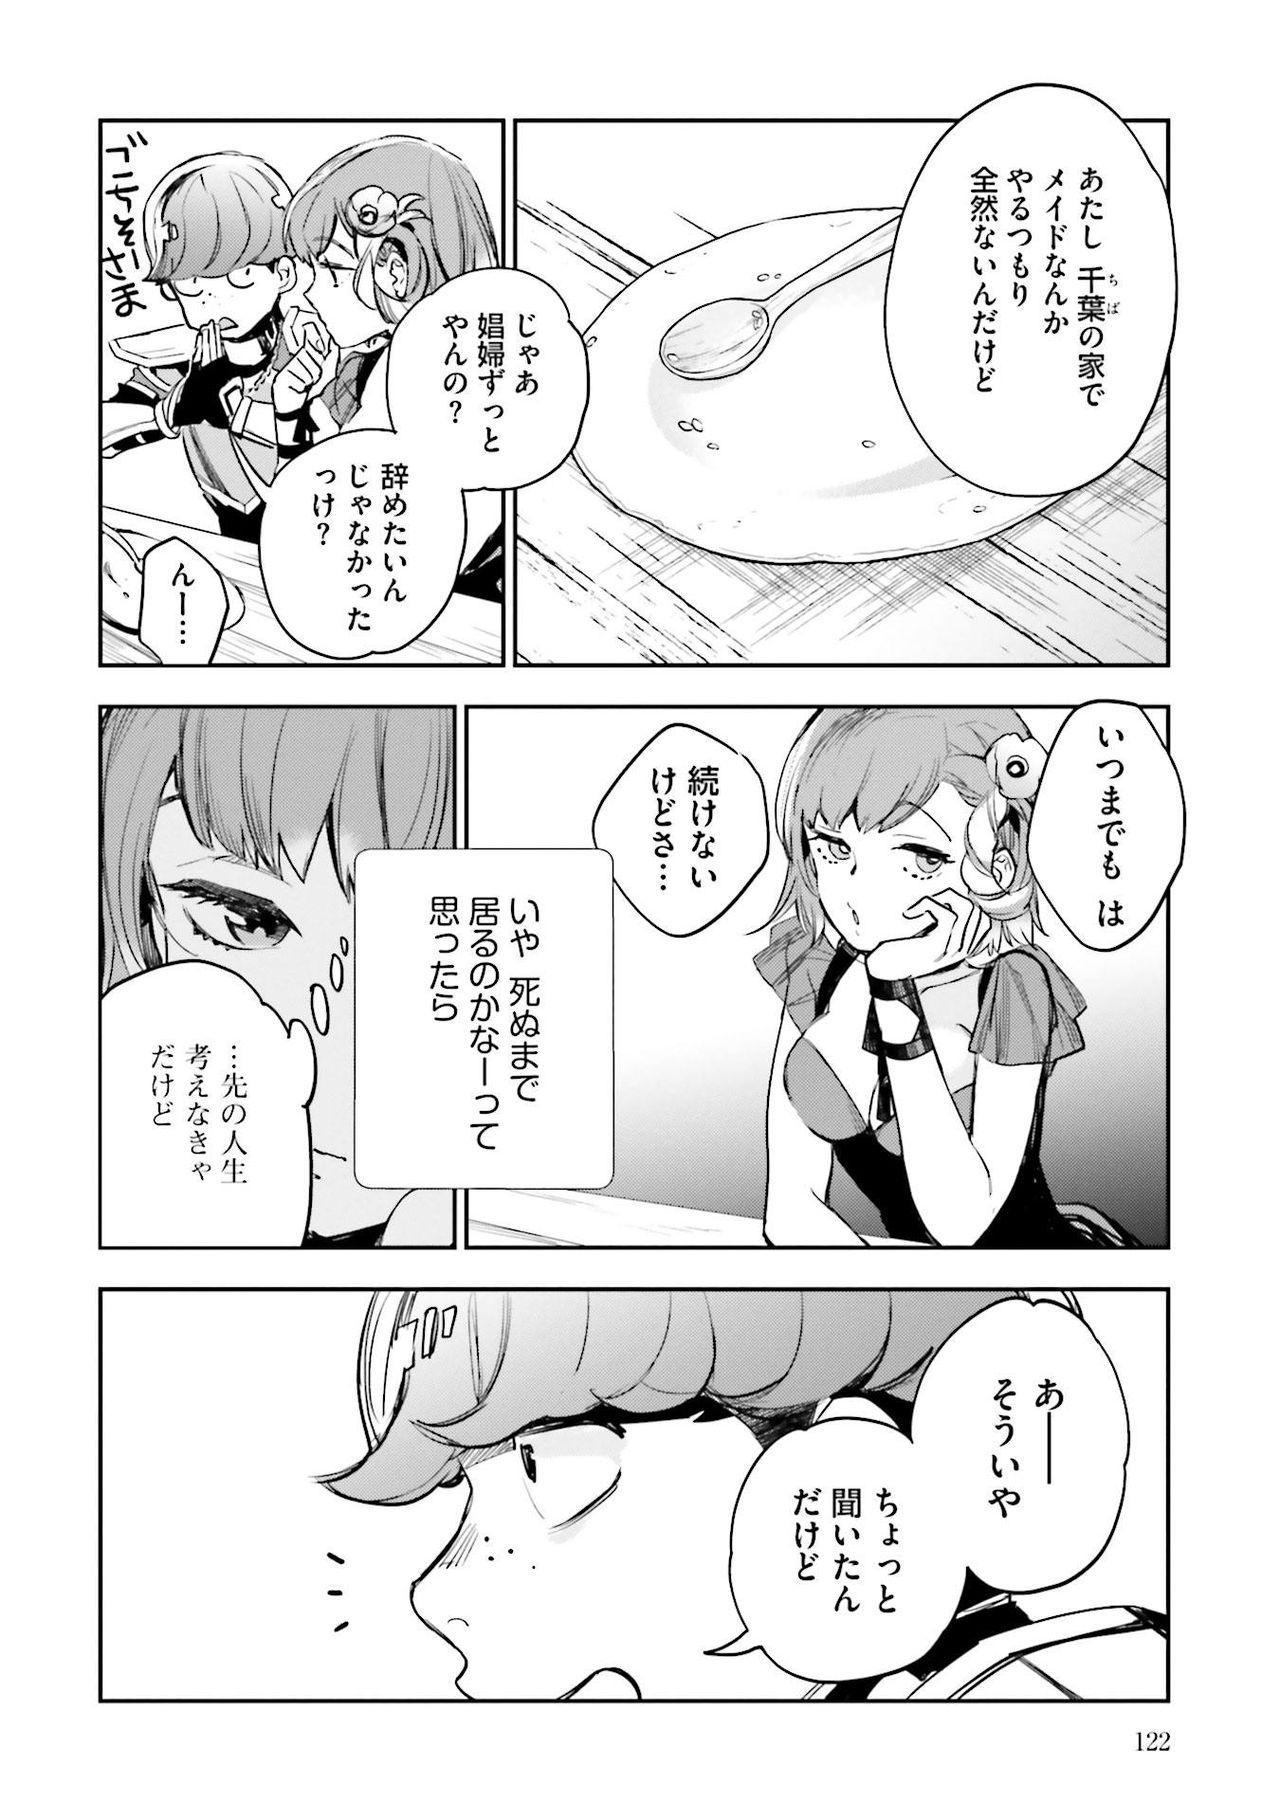 JK Haru wa Isekai de Shoufu ni Natta 1-14 310